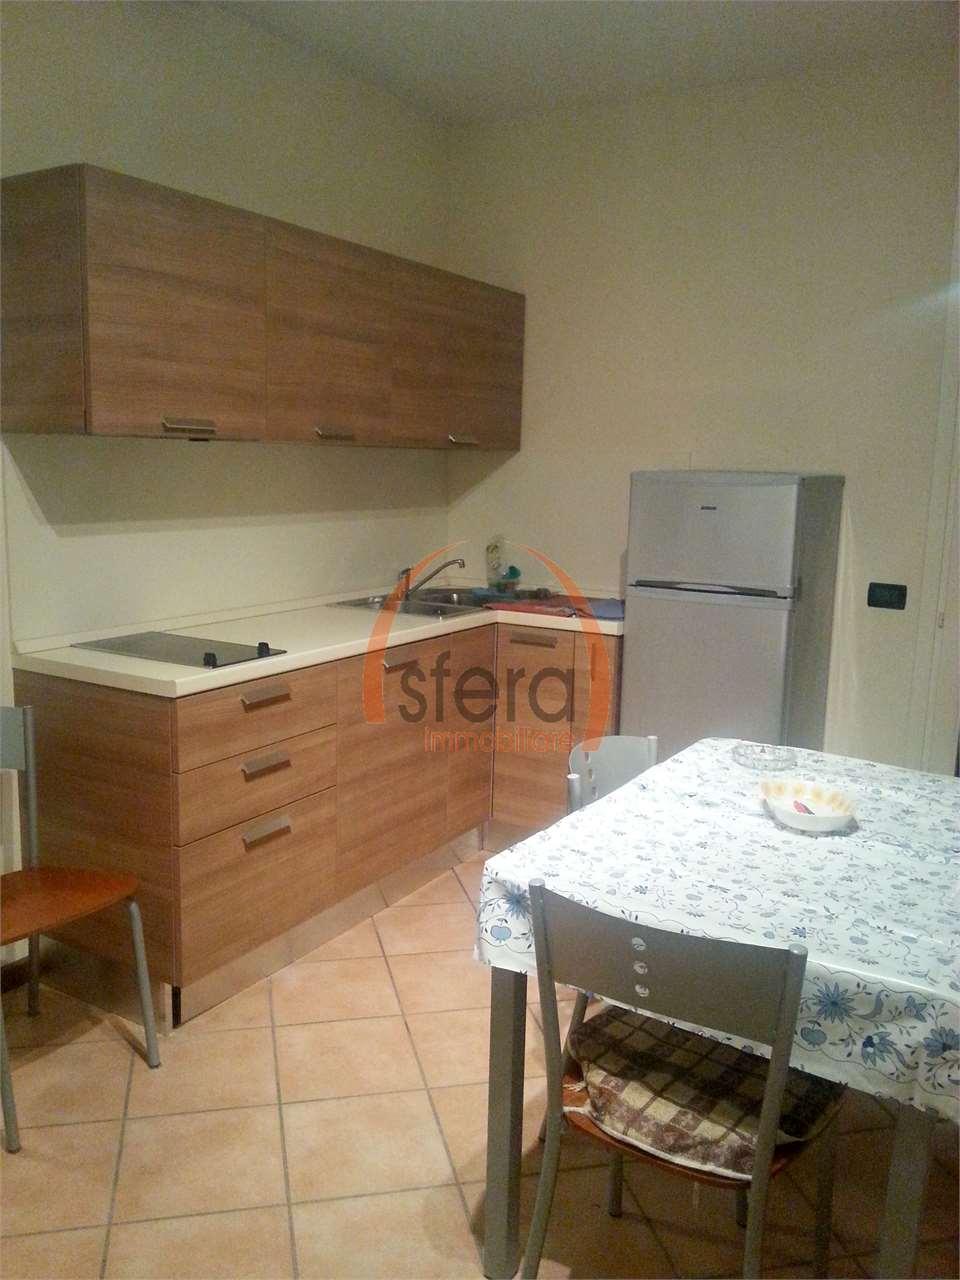 Appartamento in affitto a Mantova, 1 locali, zona Zona: Centro storico, prezzo € 420 | Cambio Casa.it